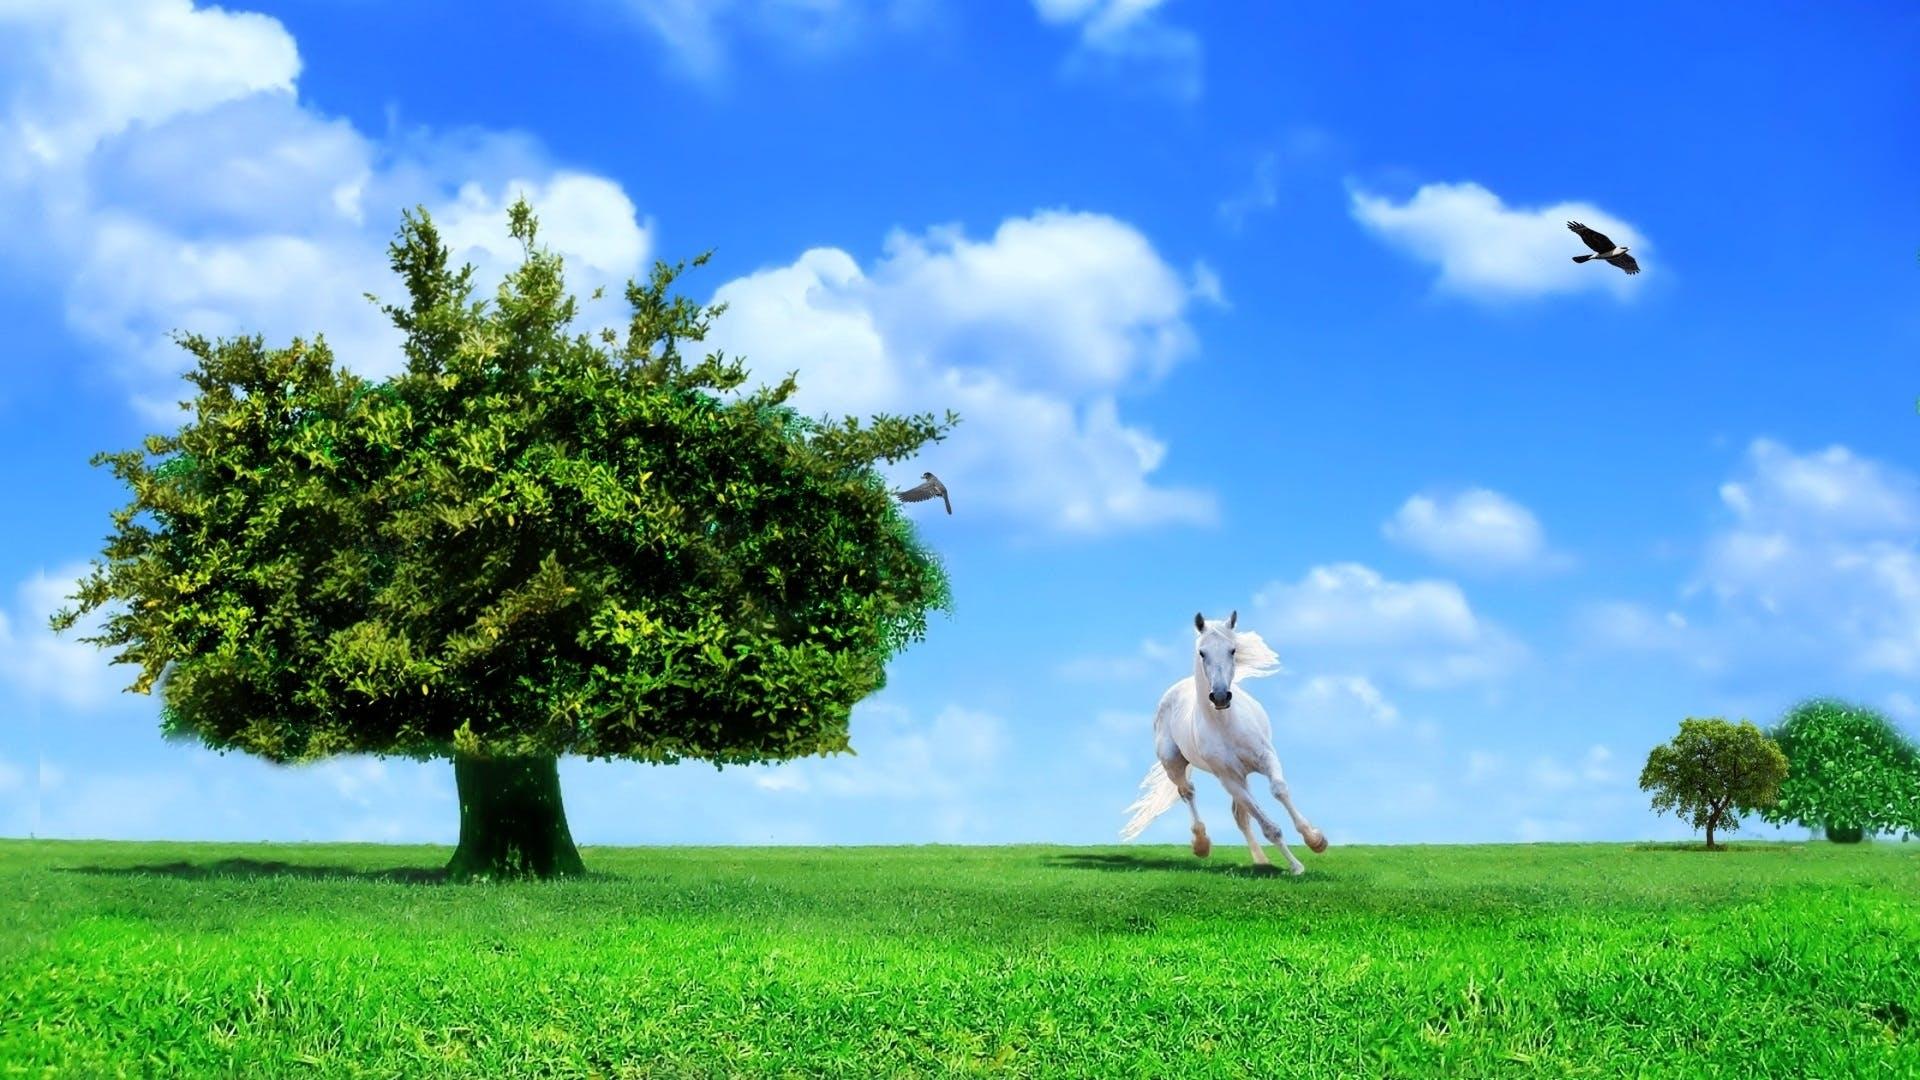 ave, árvore, campo